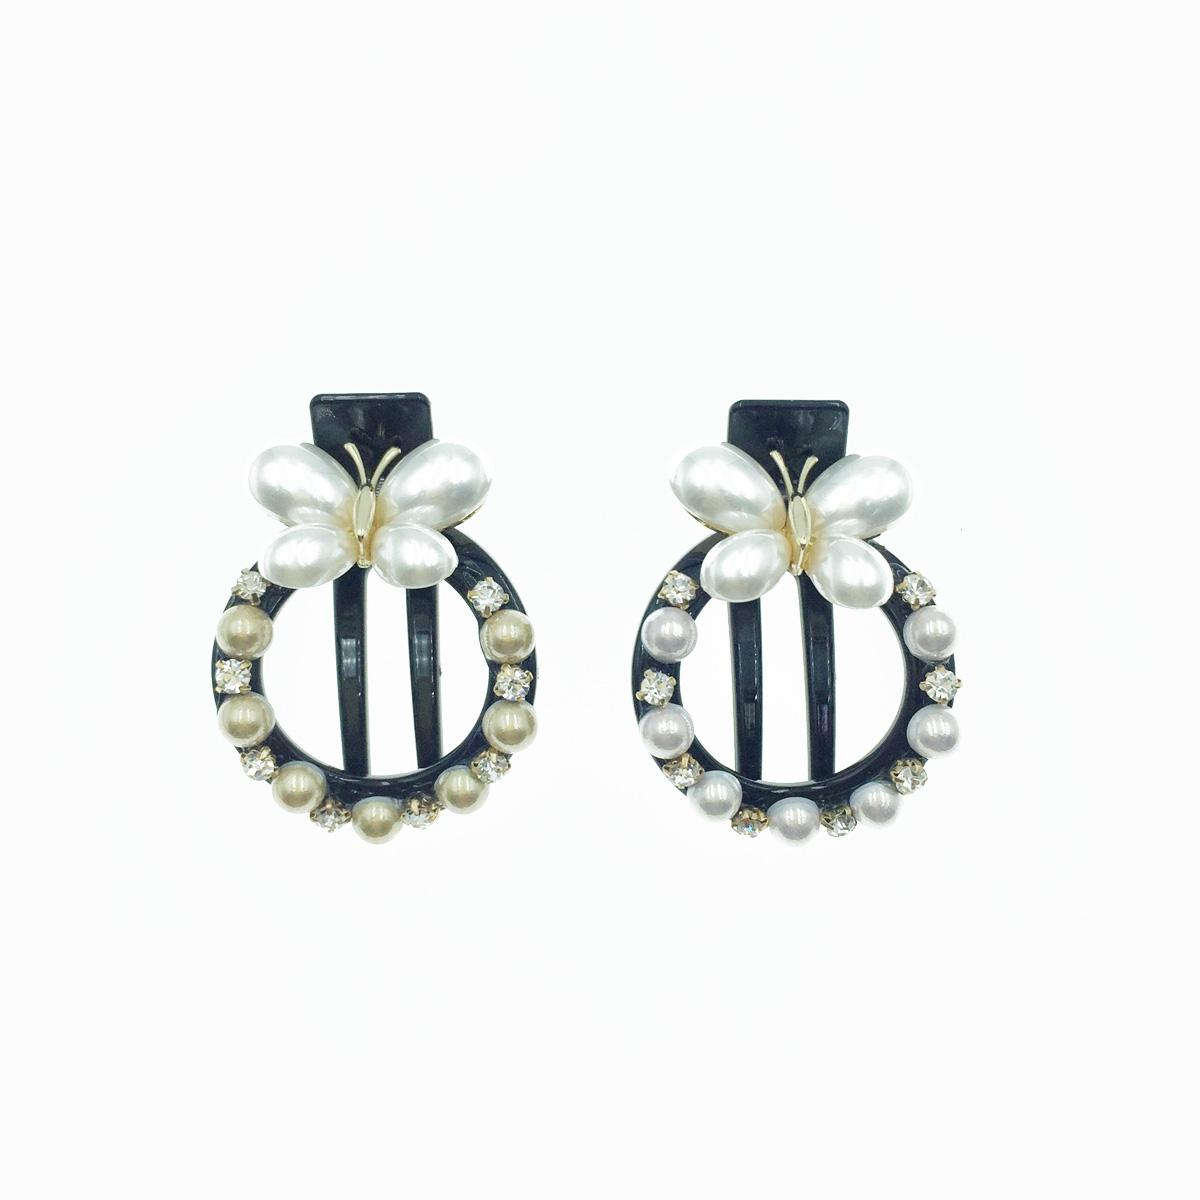 韓國 珍珠造型蝴蝶 水鑽 圓形 髮夾 髮飾